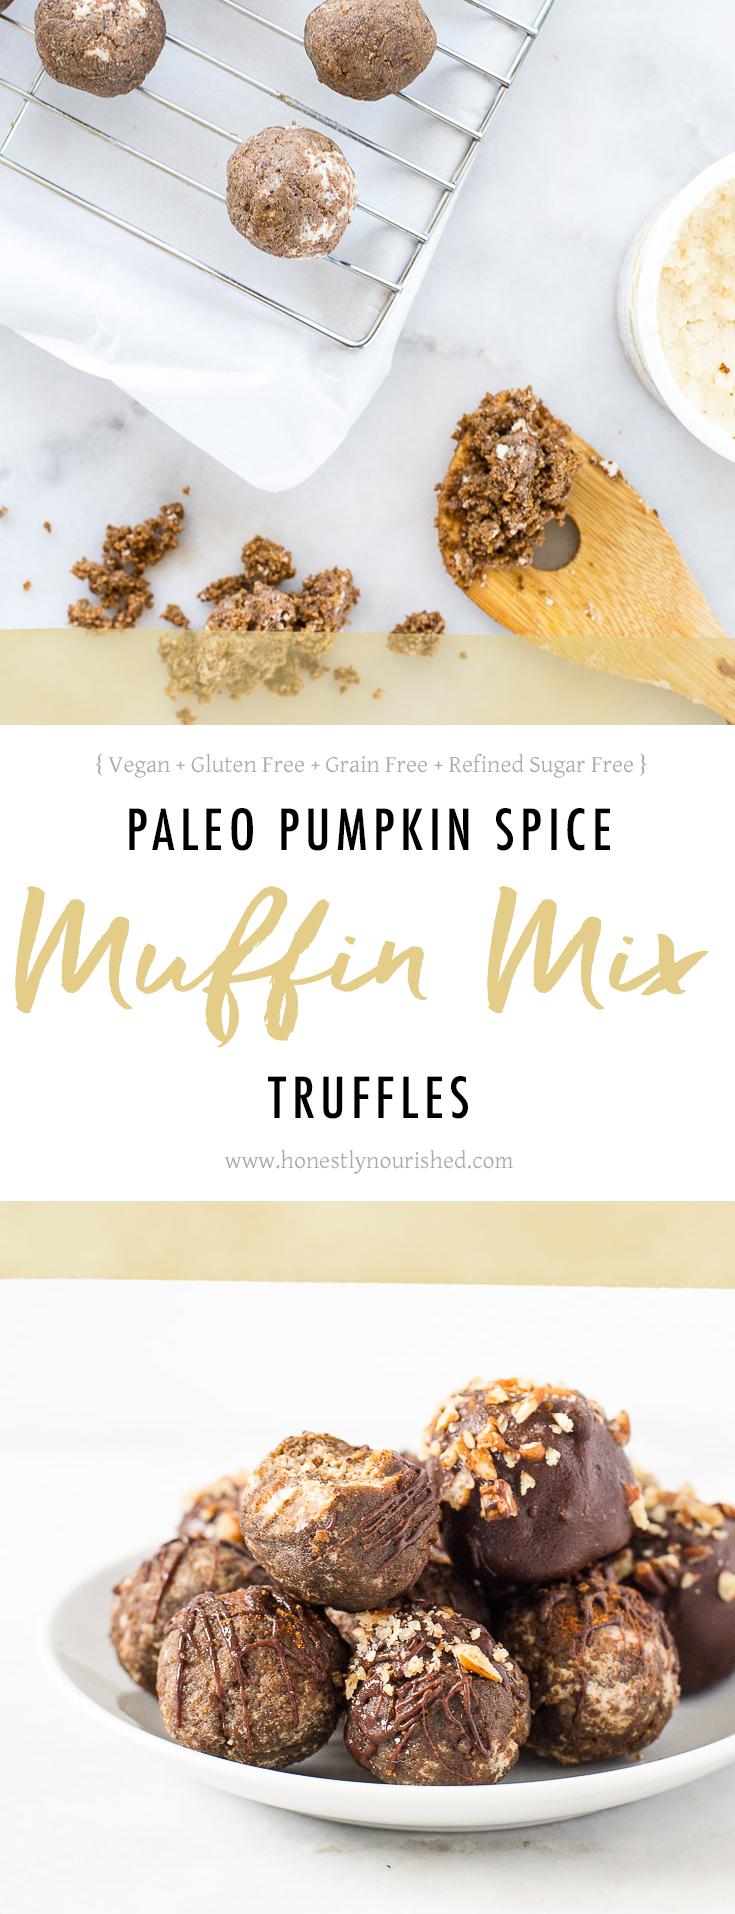 pumpkin-spice-muffin-truffles2